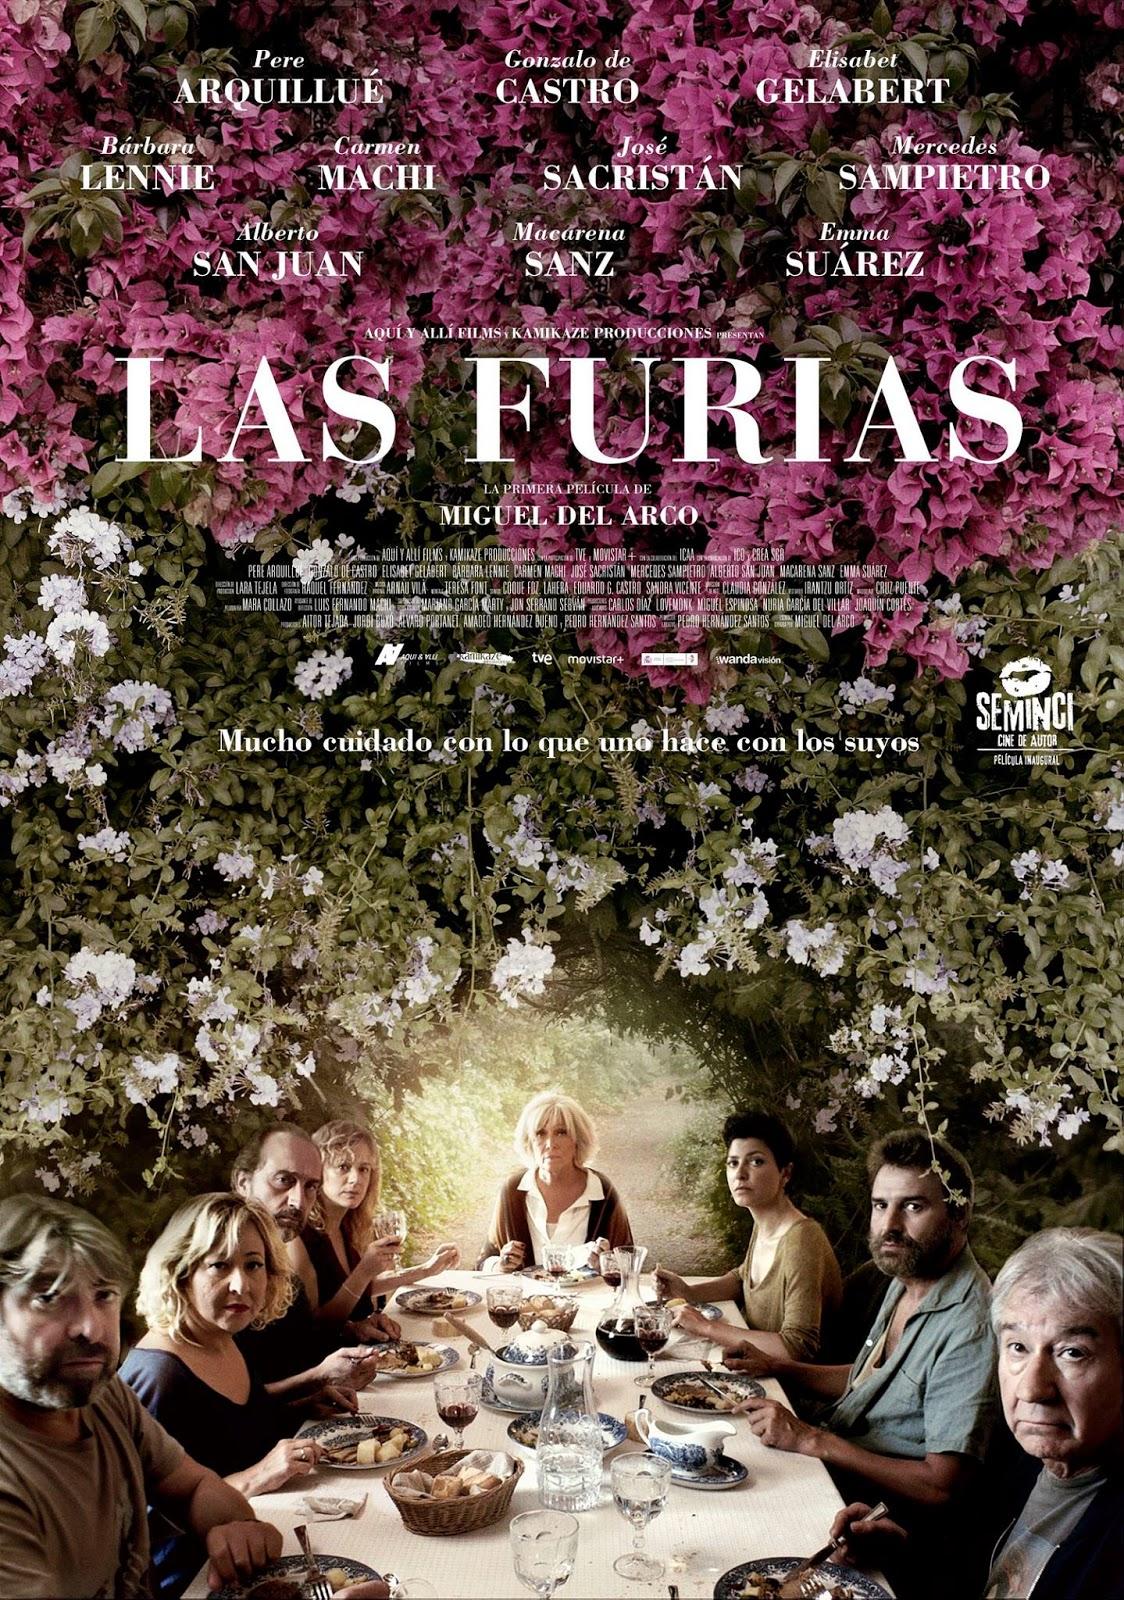 Las Furias, Miguel del Arco, SEMINCI